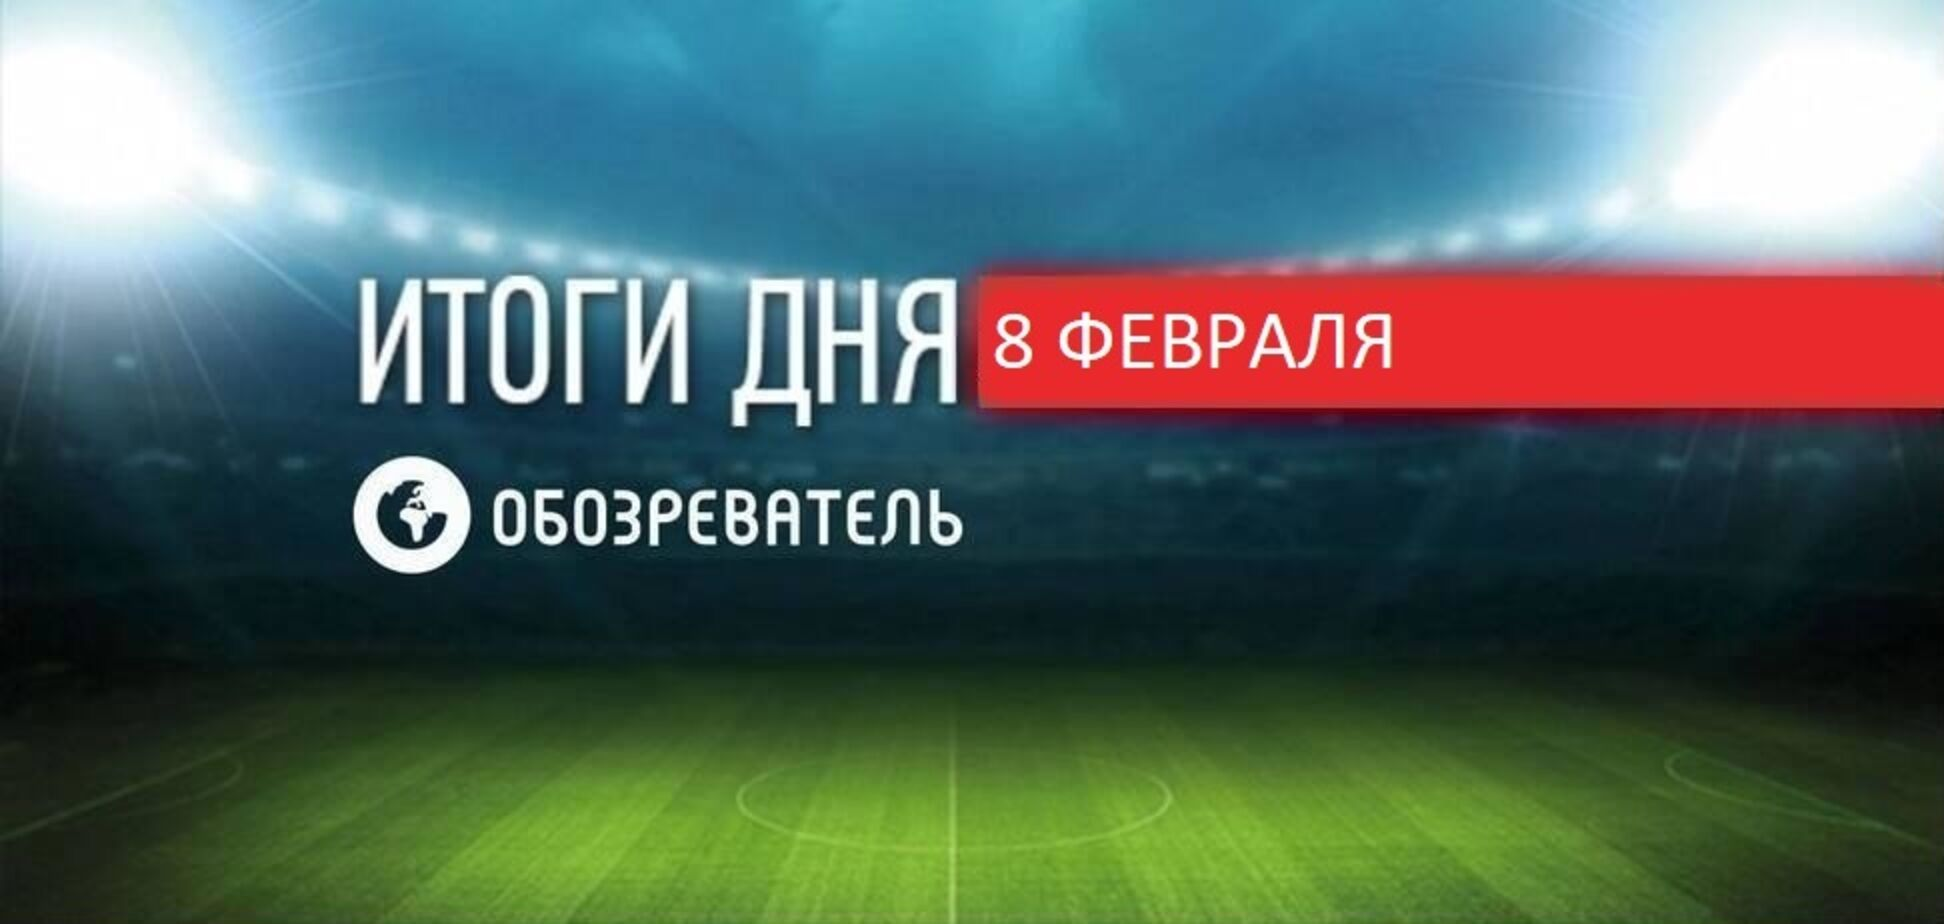 Ексгравець 'Шахтаря' розповів, які відносини між футболістами з Росії та України: підсумки спорту 8 лютого